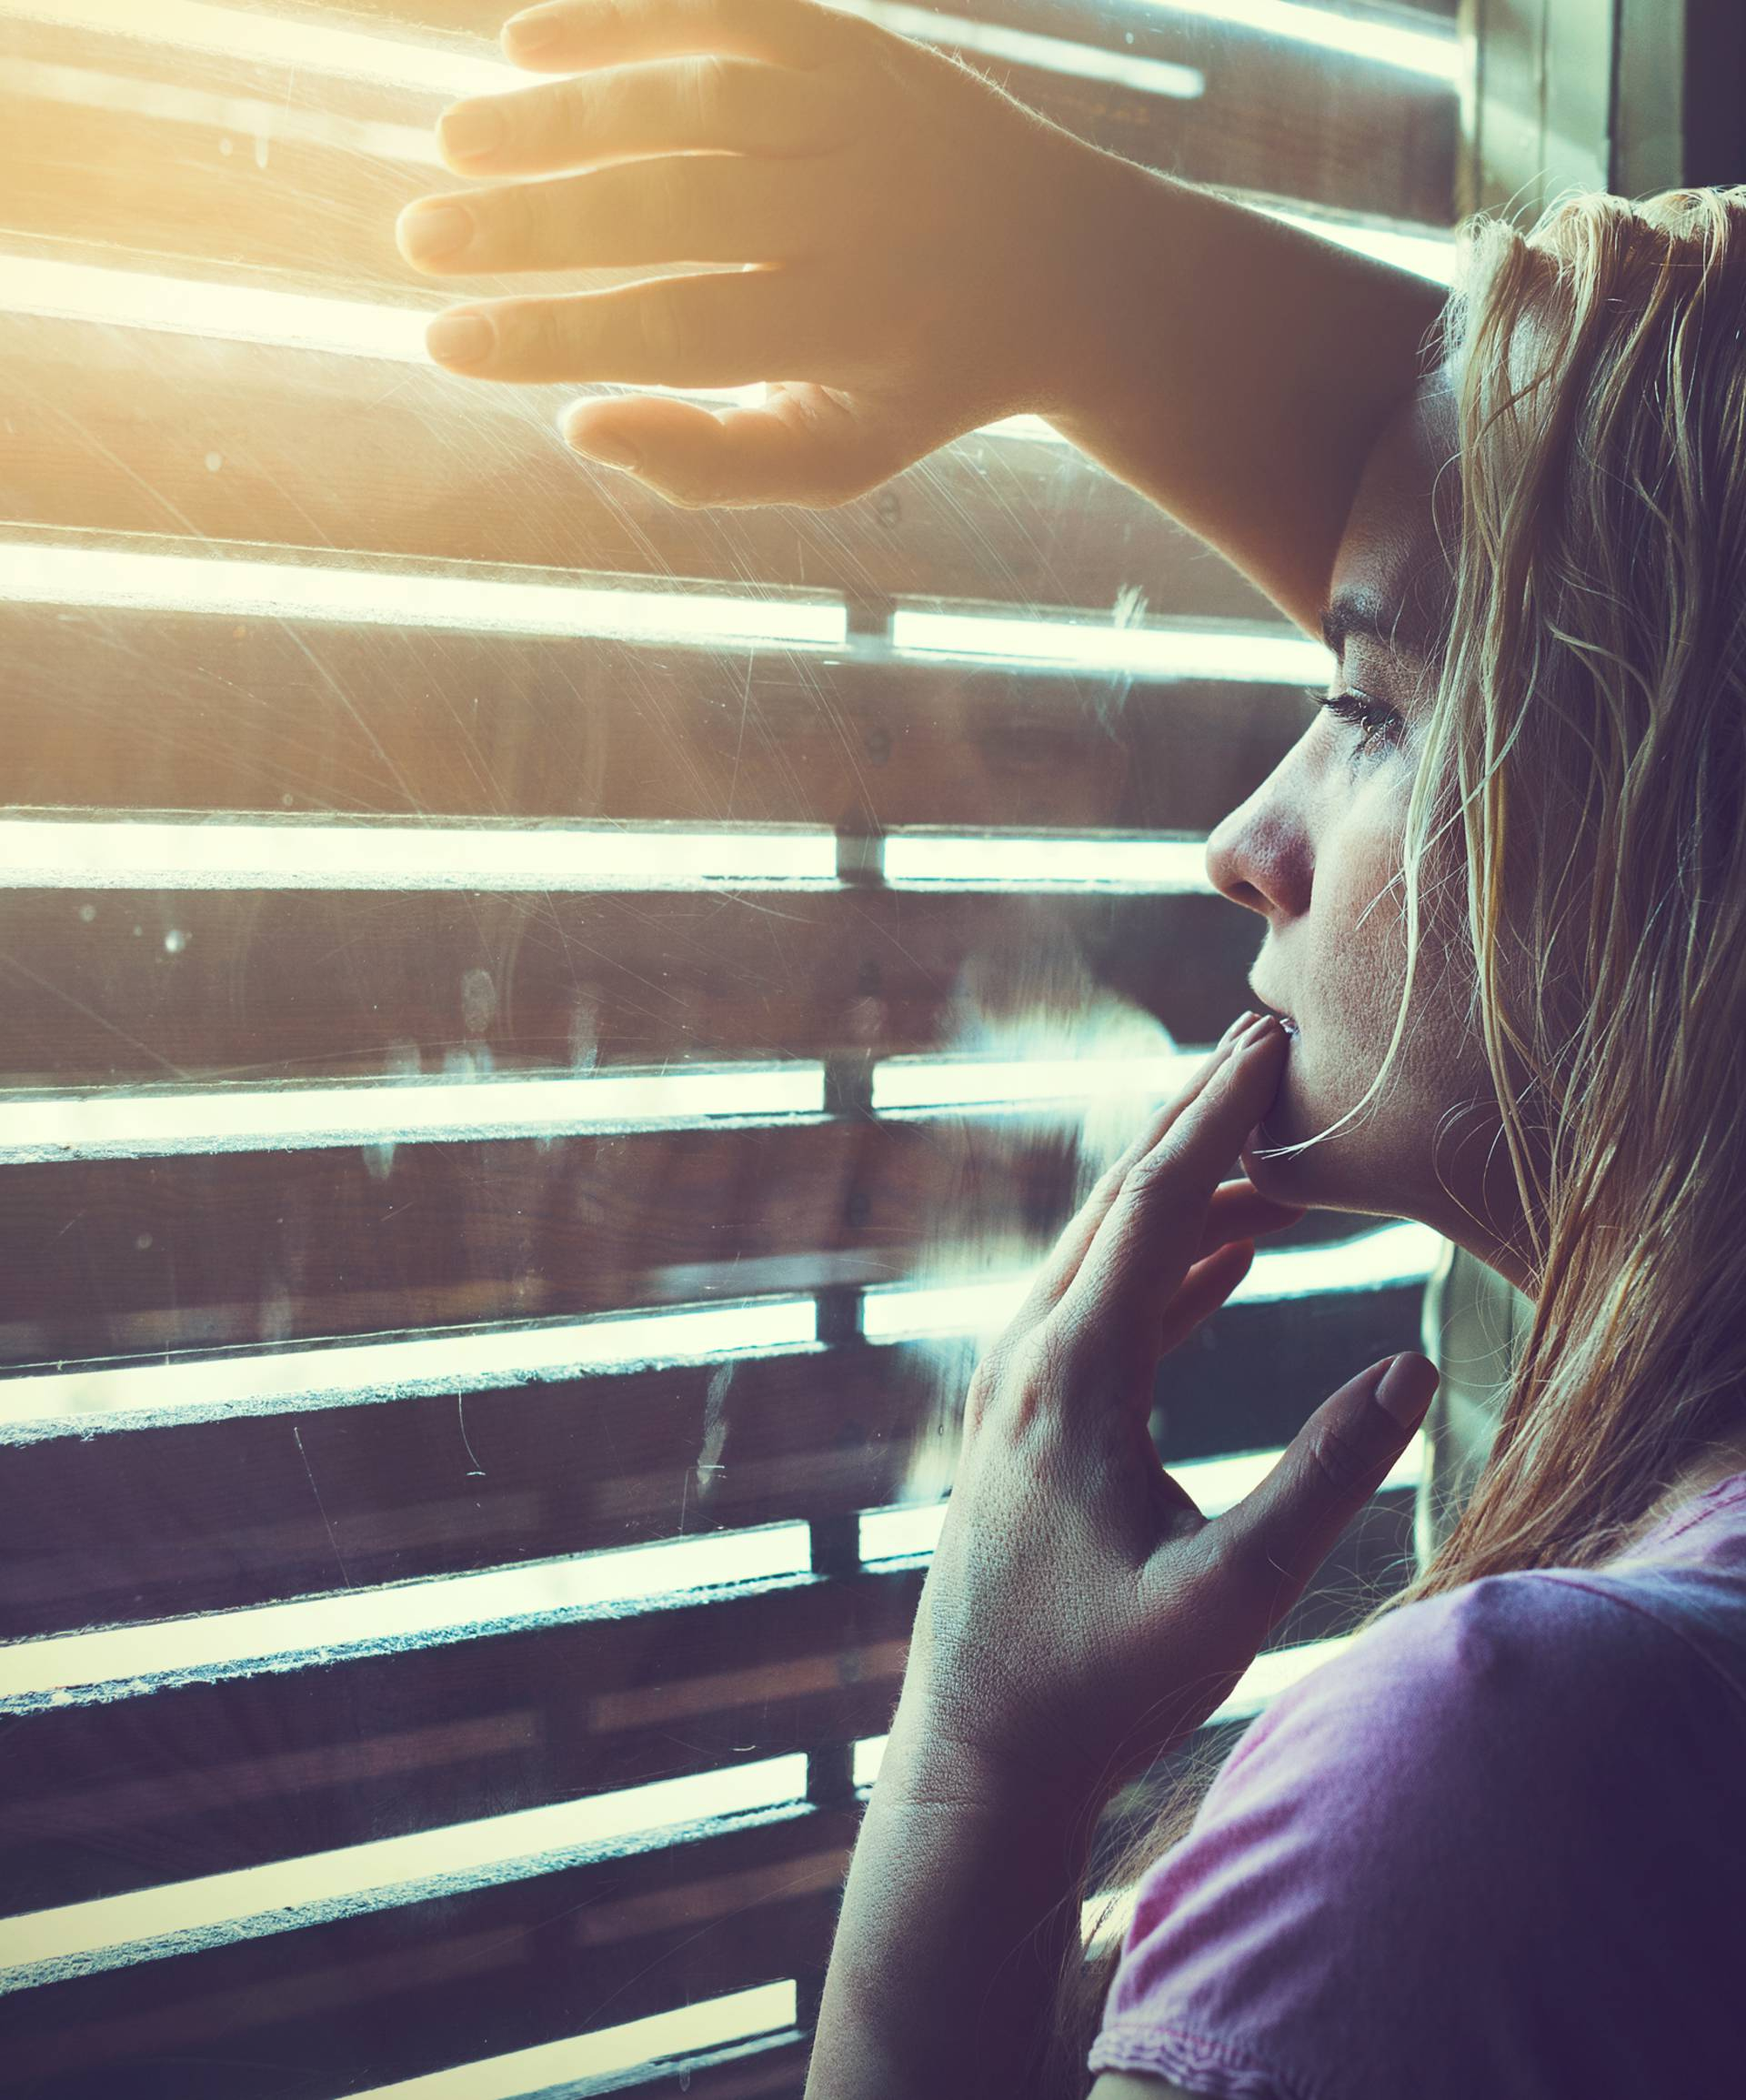 Niste sretni? Promijenite ovih 8 toksičnih navika za sretniji život